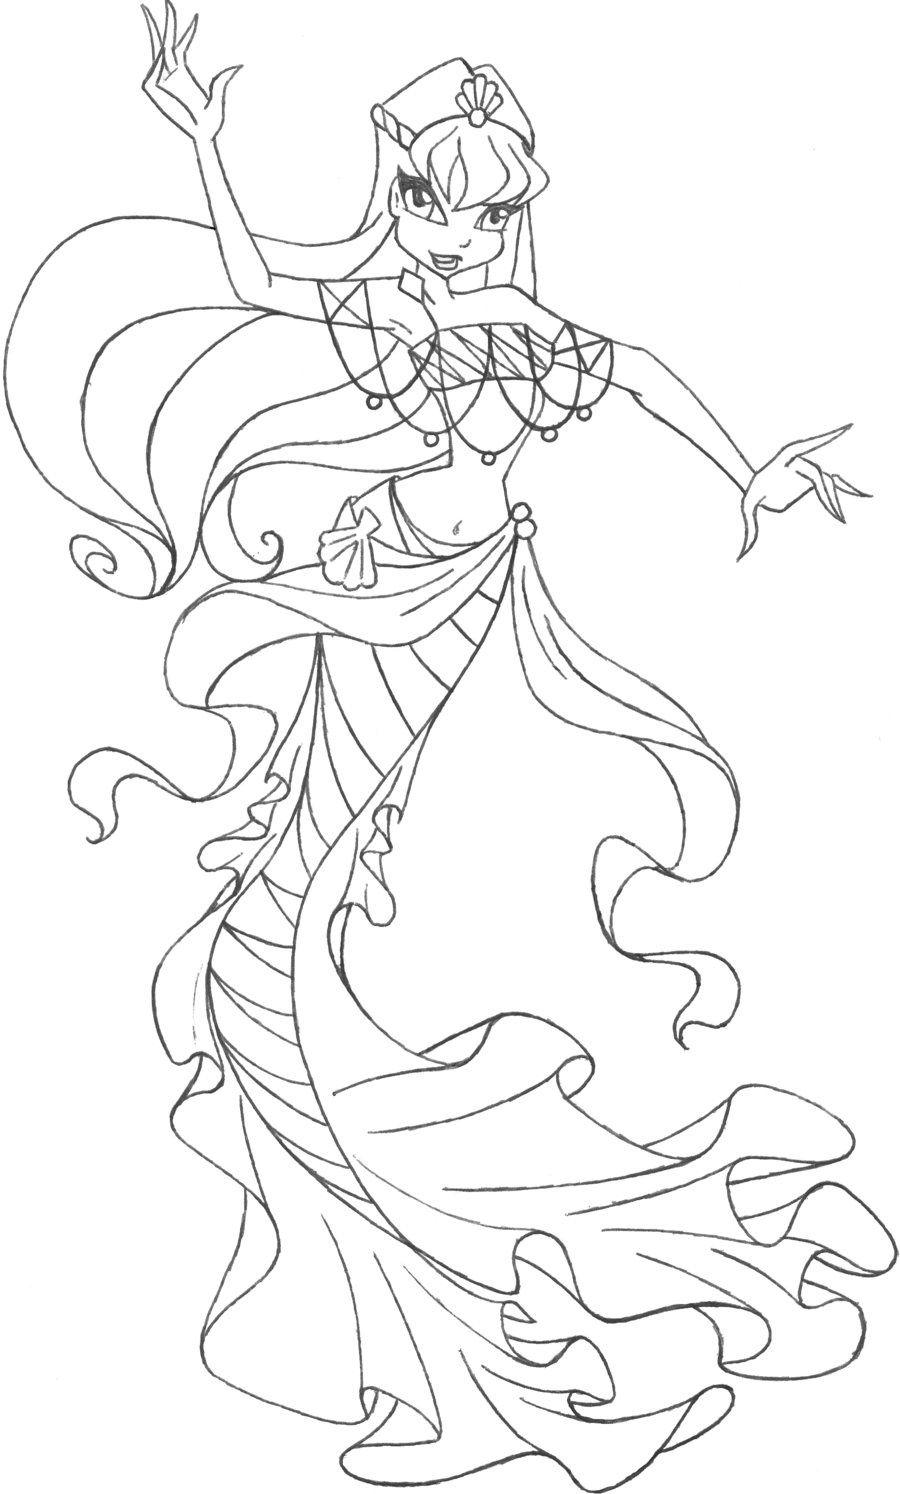 Winx Mermaid Coloring Pages Mermaid Coloring Pages Coloring Pages Paw Patrol Coloring Pages